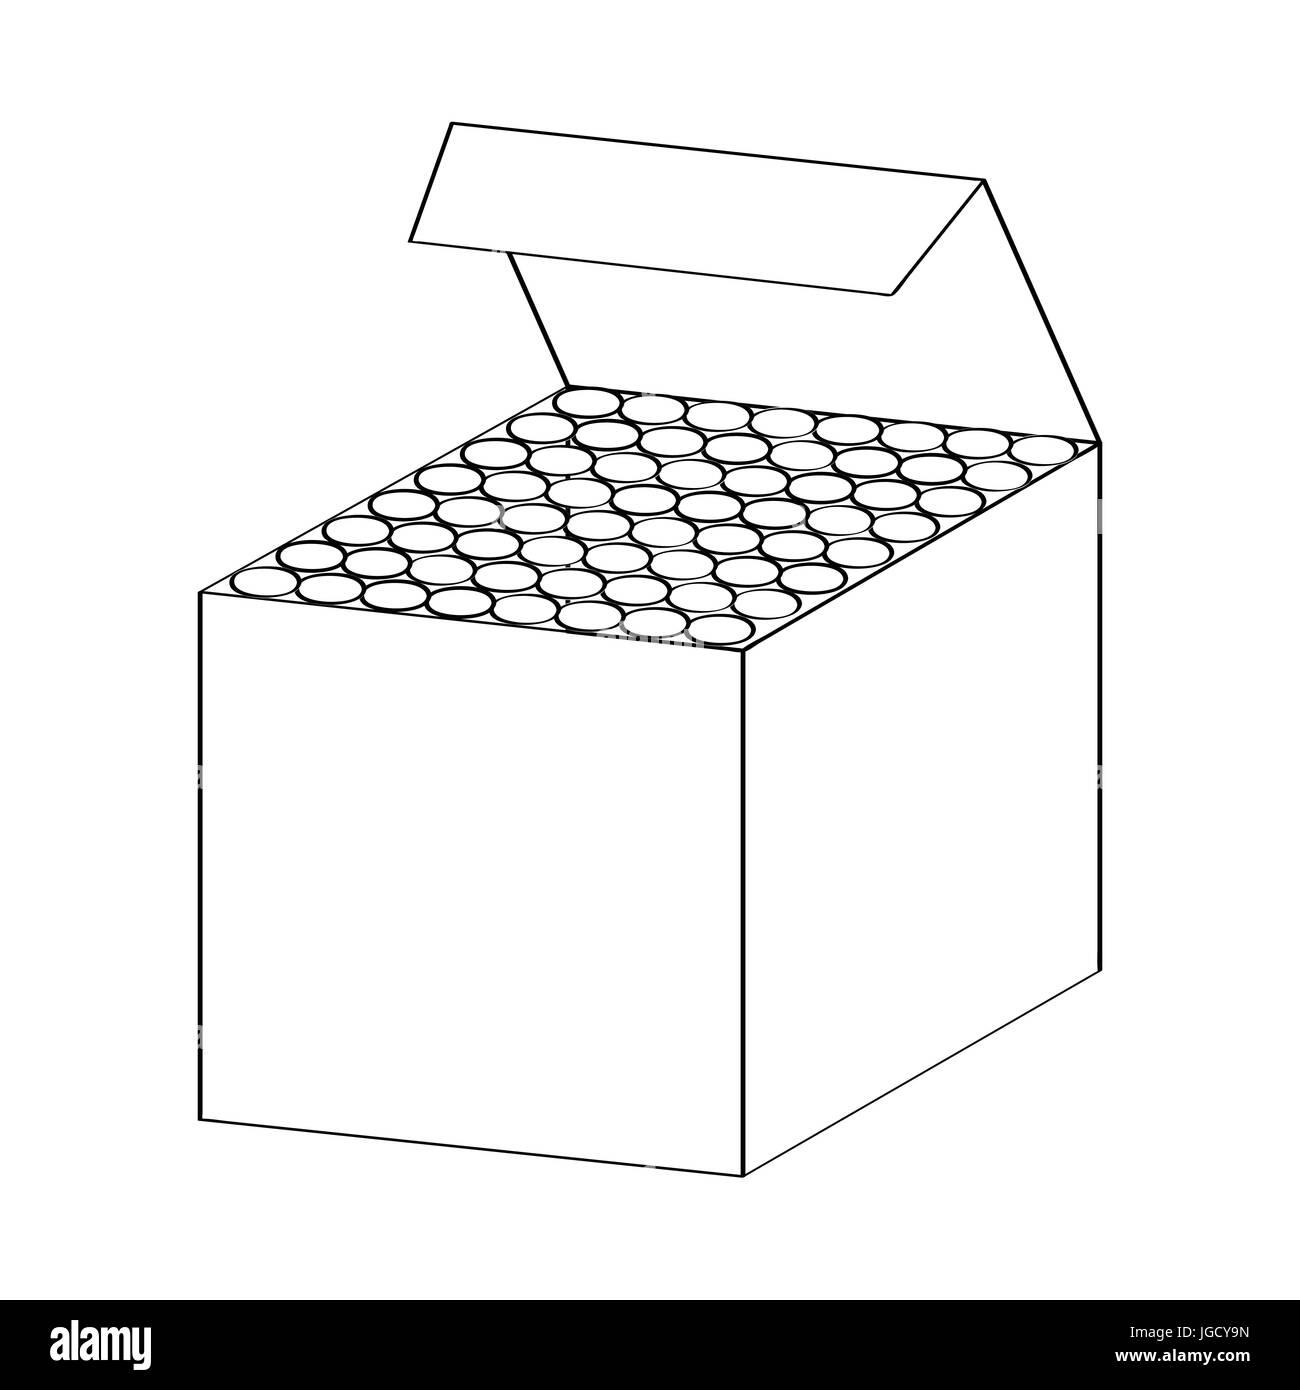 Croquis Dibujados A Mano De La Caja De Tizas Aislados En Blanco Y